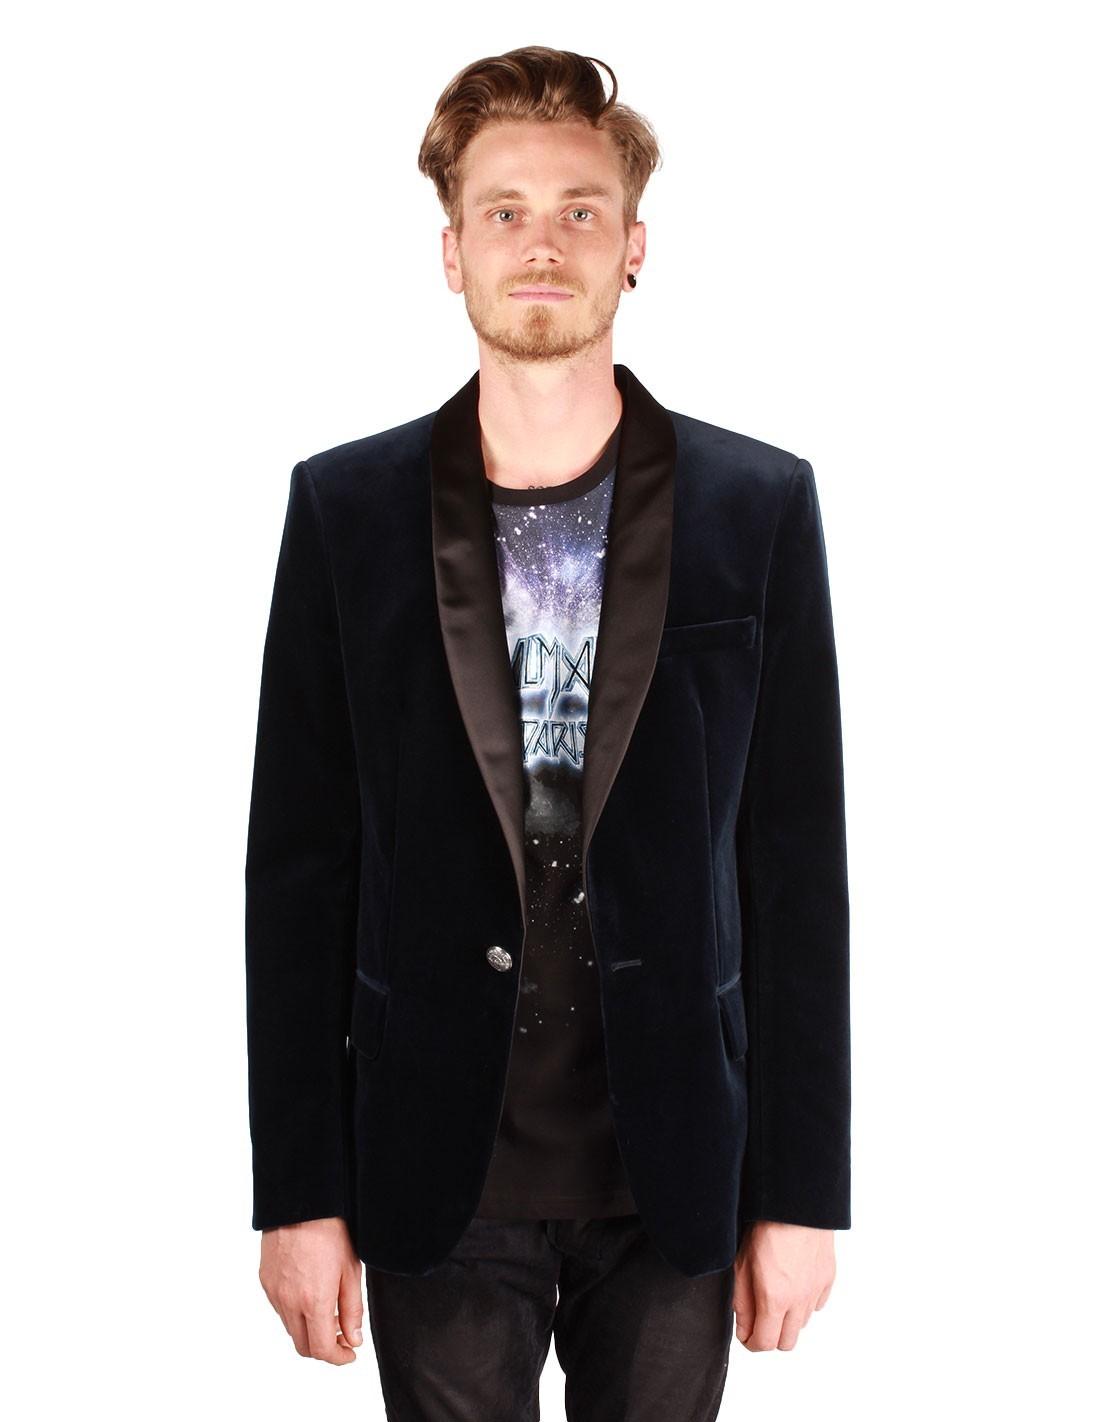 veste balmain en velours bleu col ch le en satin noir pour homme. Black Bedroom Furniture Sets. Home Design Ideas